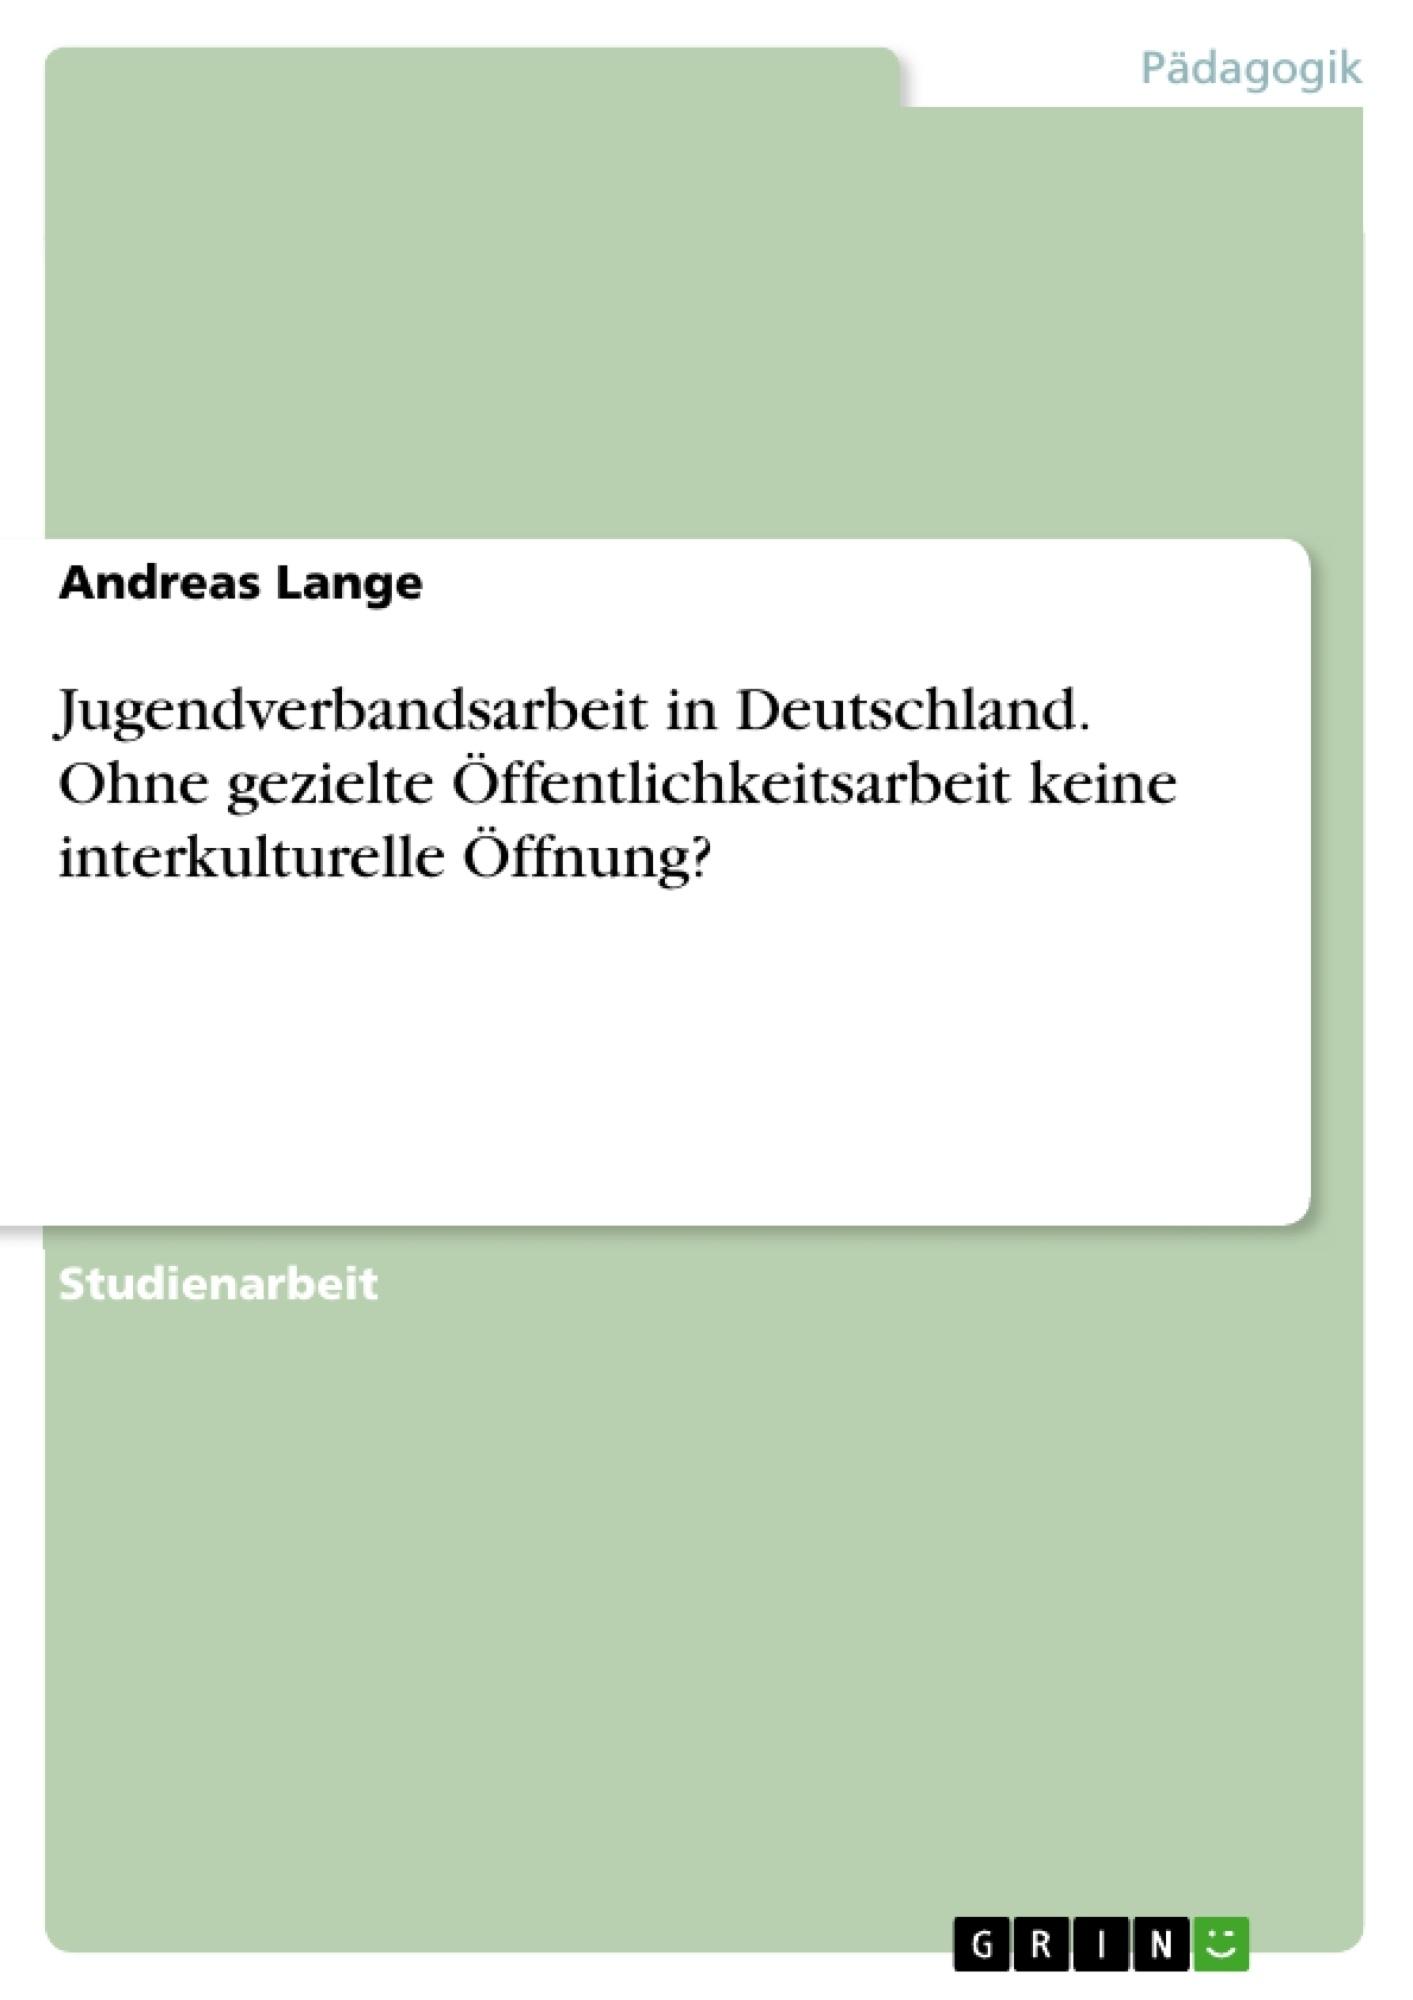 Titel: Jugendverbandsarbeit in Deutschland. Ohne gezielte Öffentlichkeitsarbeit keine interkulturelle  Öffnung?